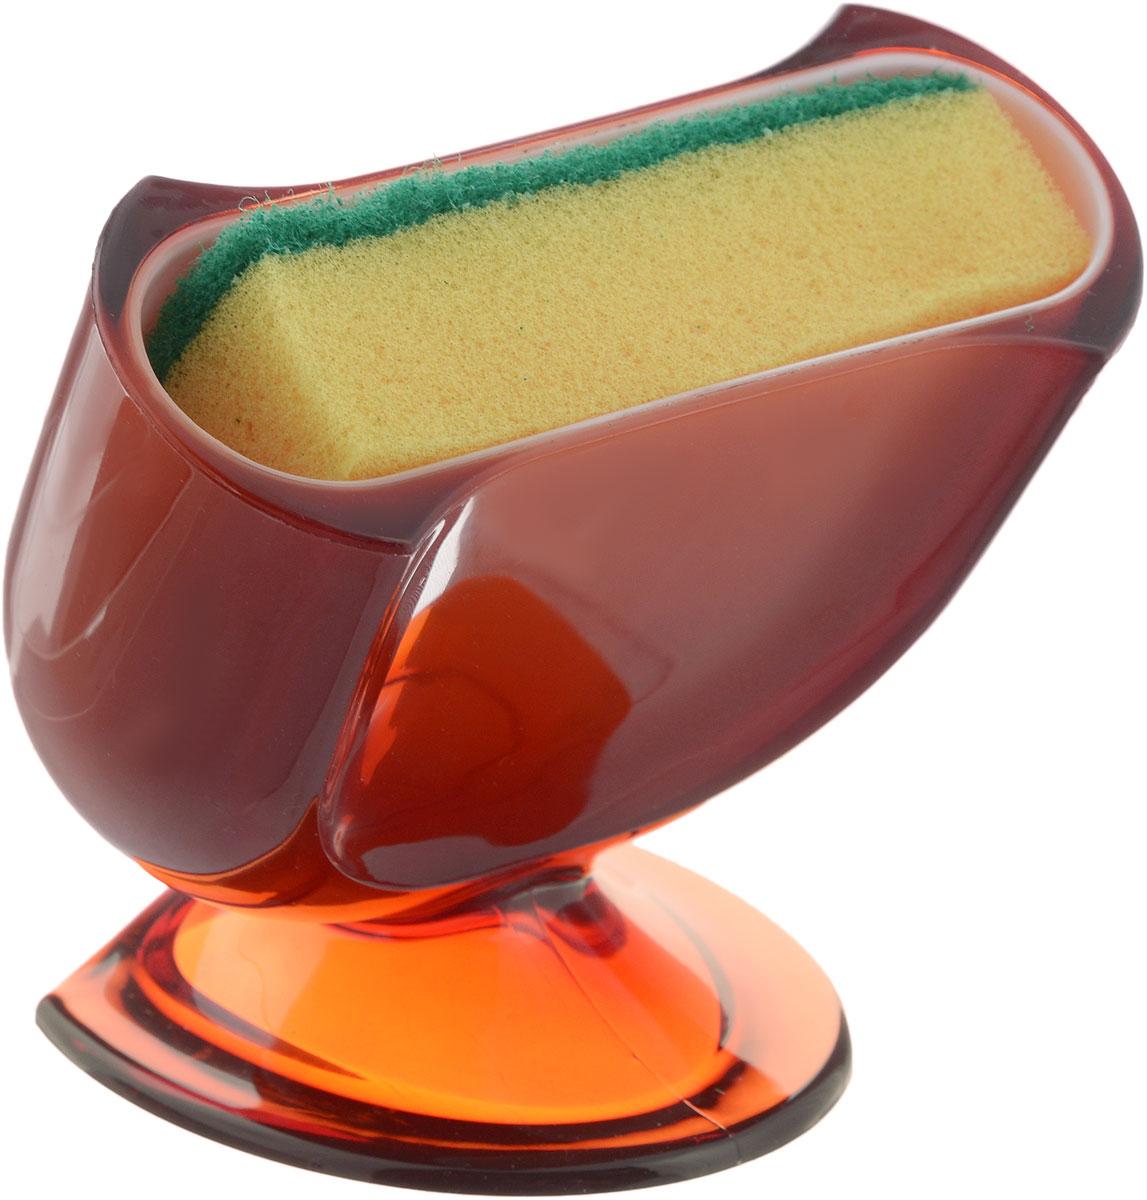 Подставка для губки Indecor, с губкой, цвет: коричневый, 11,5 х 8 х 10 смIND021cПодставка для губки Indecor выполнена из пластика. Она сохранит порядок и чистоту вокруг раковины. Очень удобна в использовании. Также в комплект входит поролоновая губка. Подставка для губки Indecor - интересное и оригинальное украшение вашей кухни. Размер подставки: 11,5 х 8 х 10 см. Размер губки: 9,5 х 2,5 х 5,5 см.